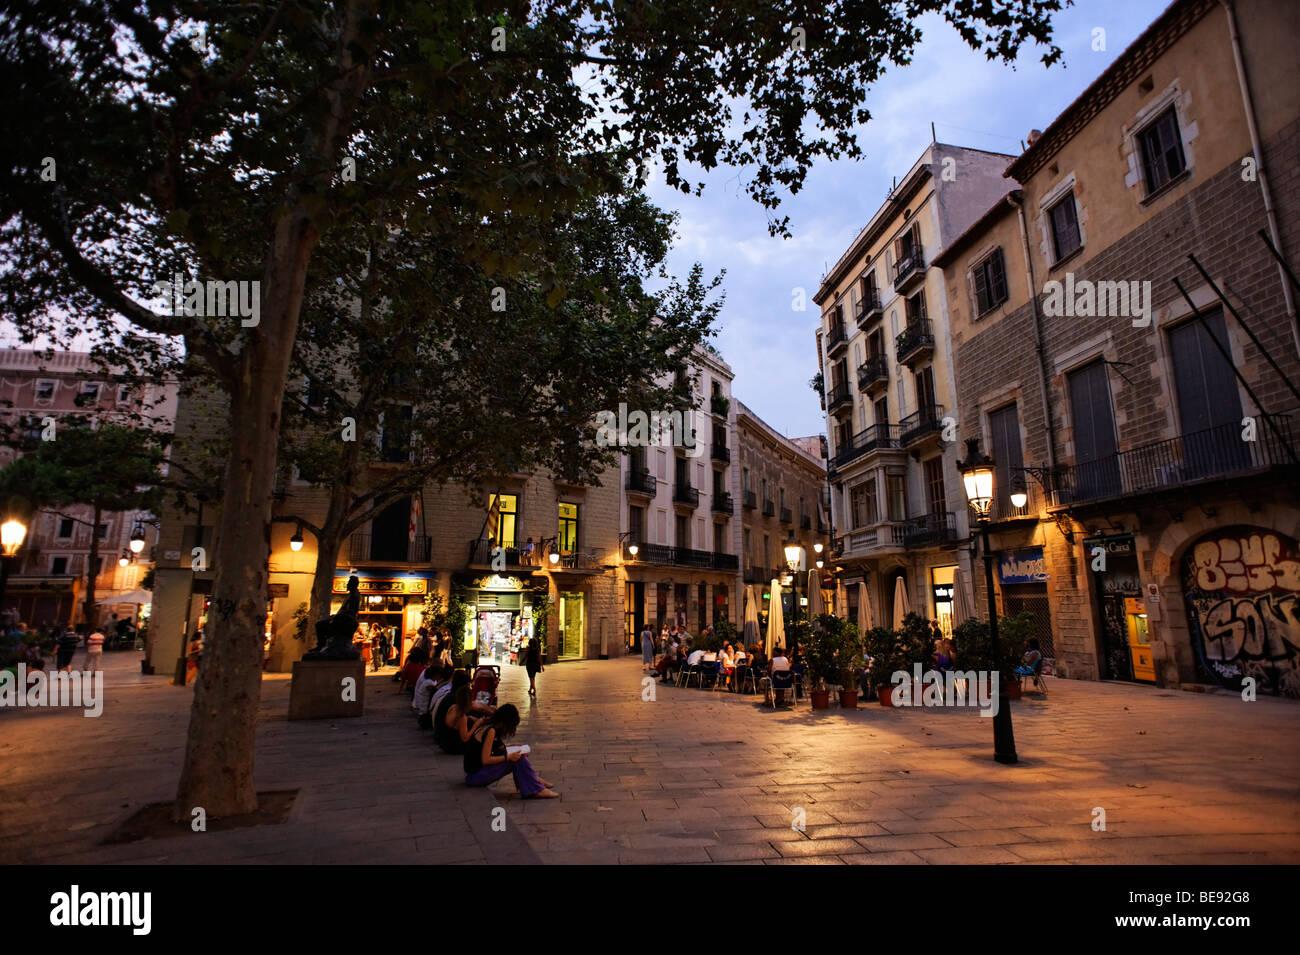 Placa Sant Jesep Oriol in Barri Gotic. Barcelona. Spain - Stock Image